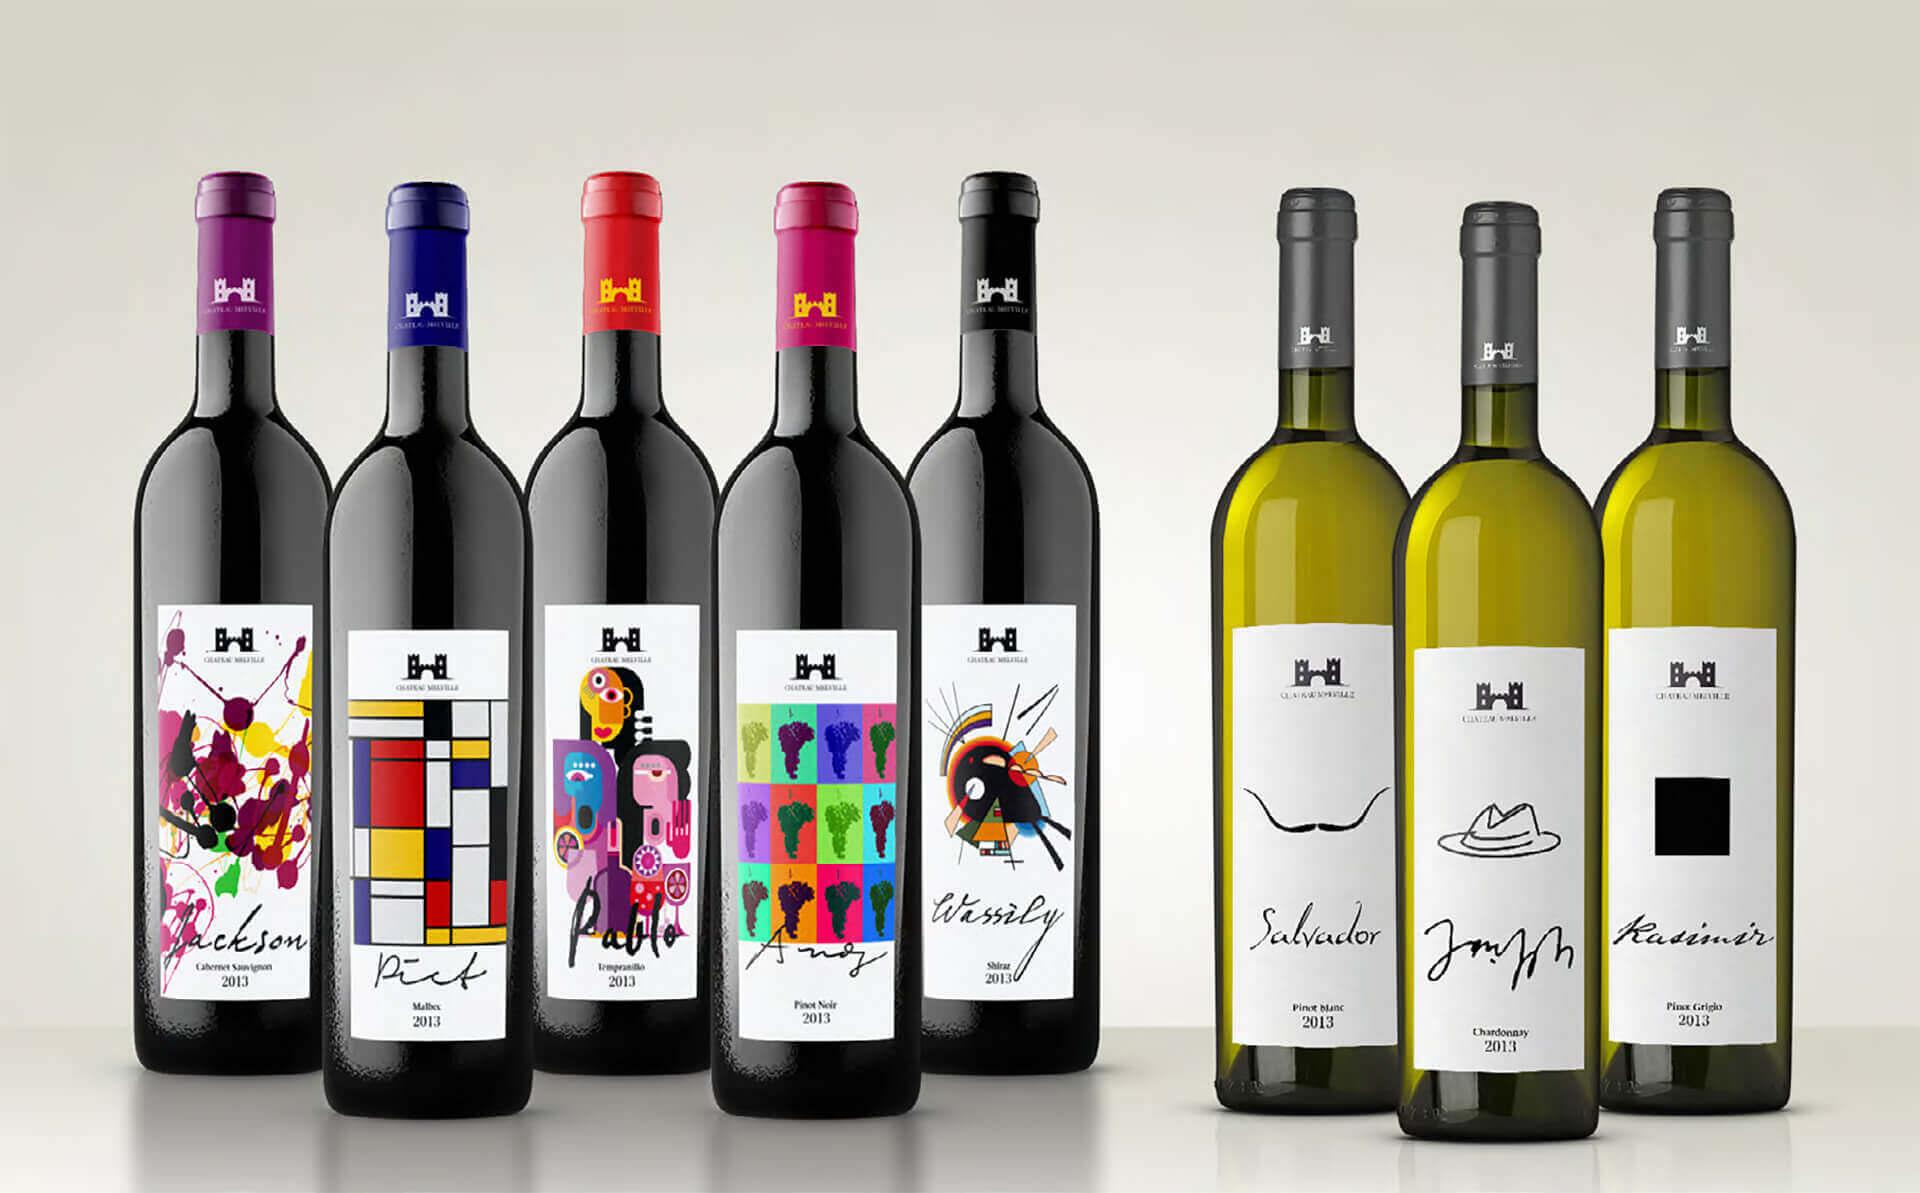 Verpackungsdesign / packaging design von Weinetiketten inspiriert durch berühmte Künstler.